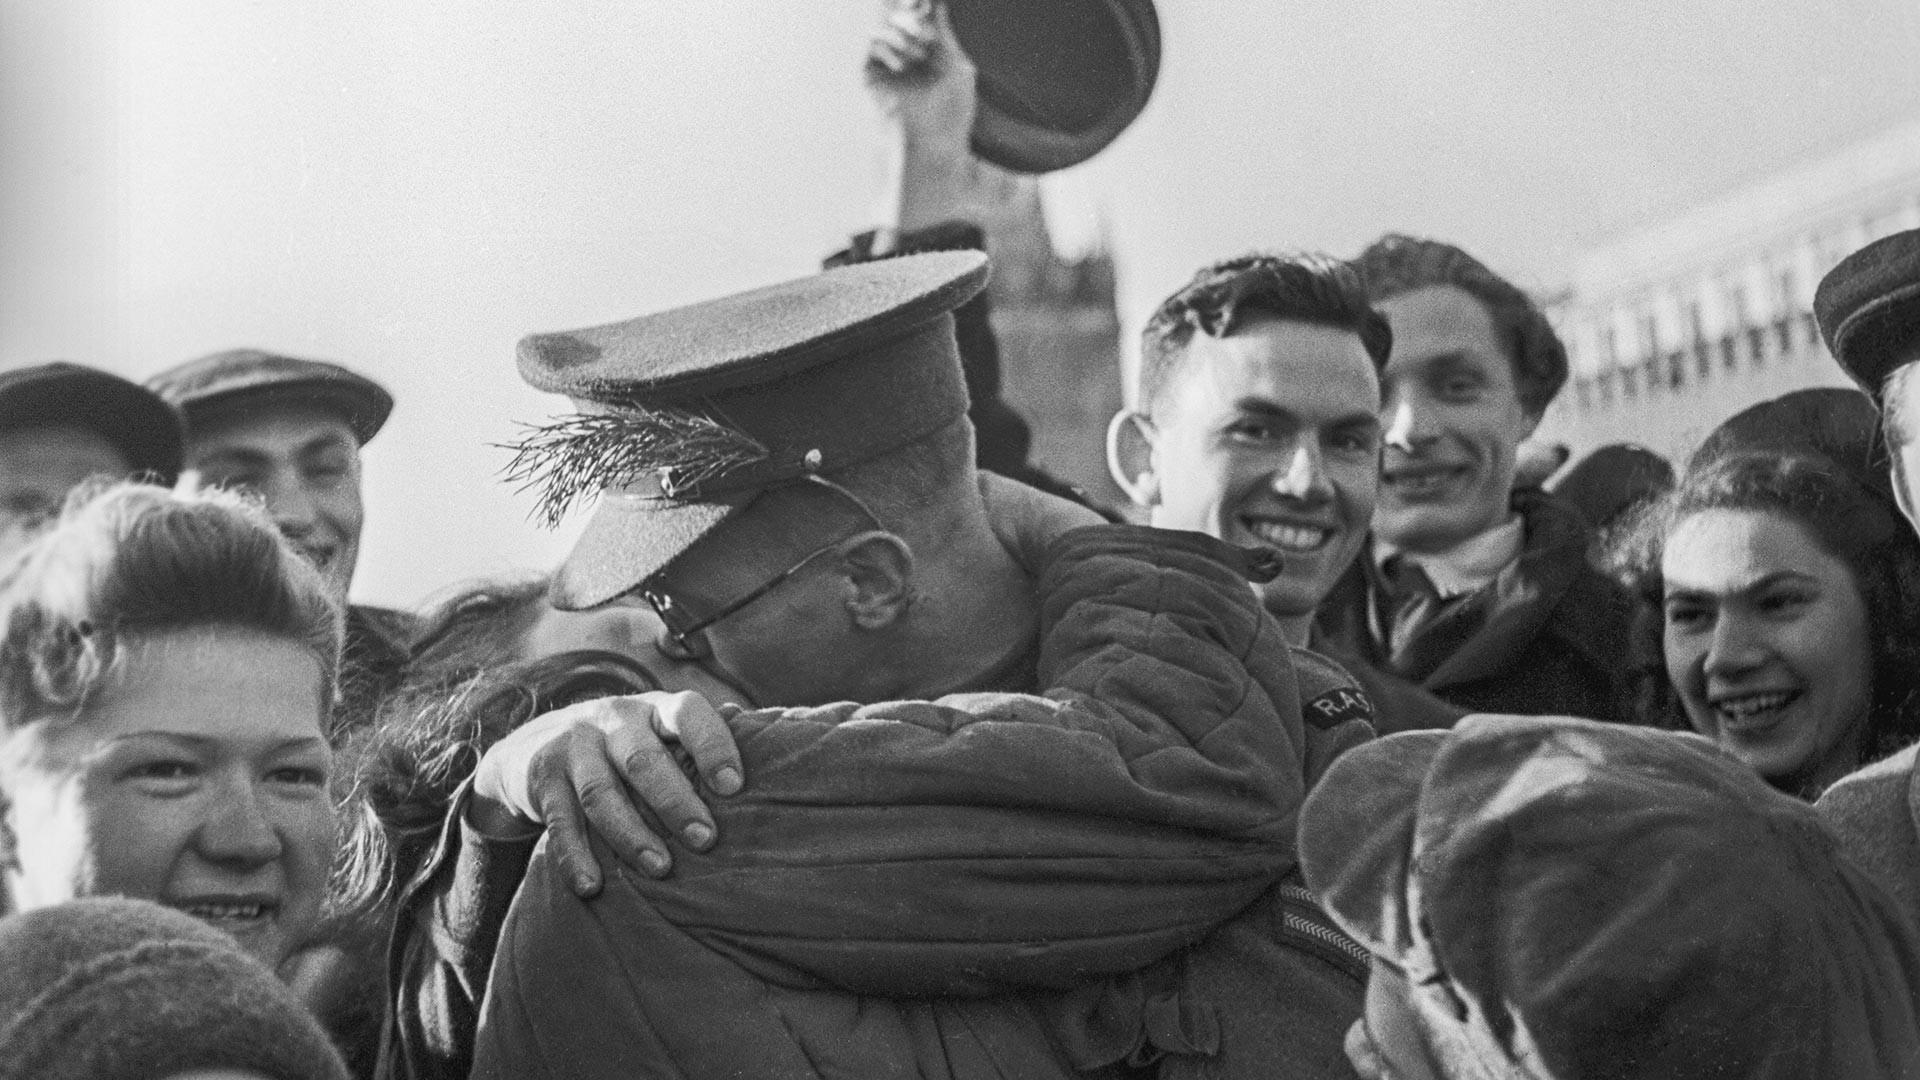 大祖国戦争の終戦日。モスクワ、赤の広場、1945年5月9日